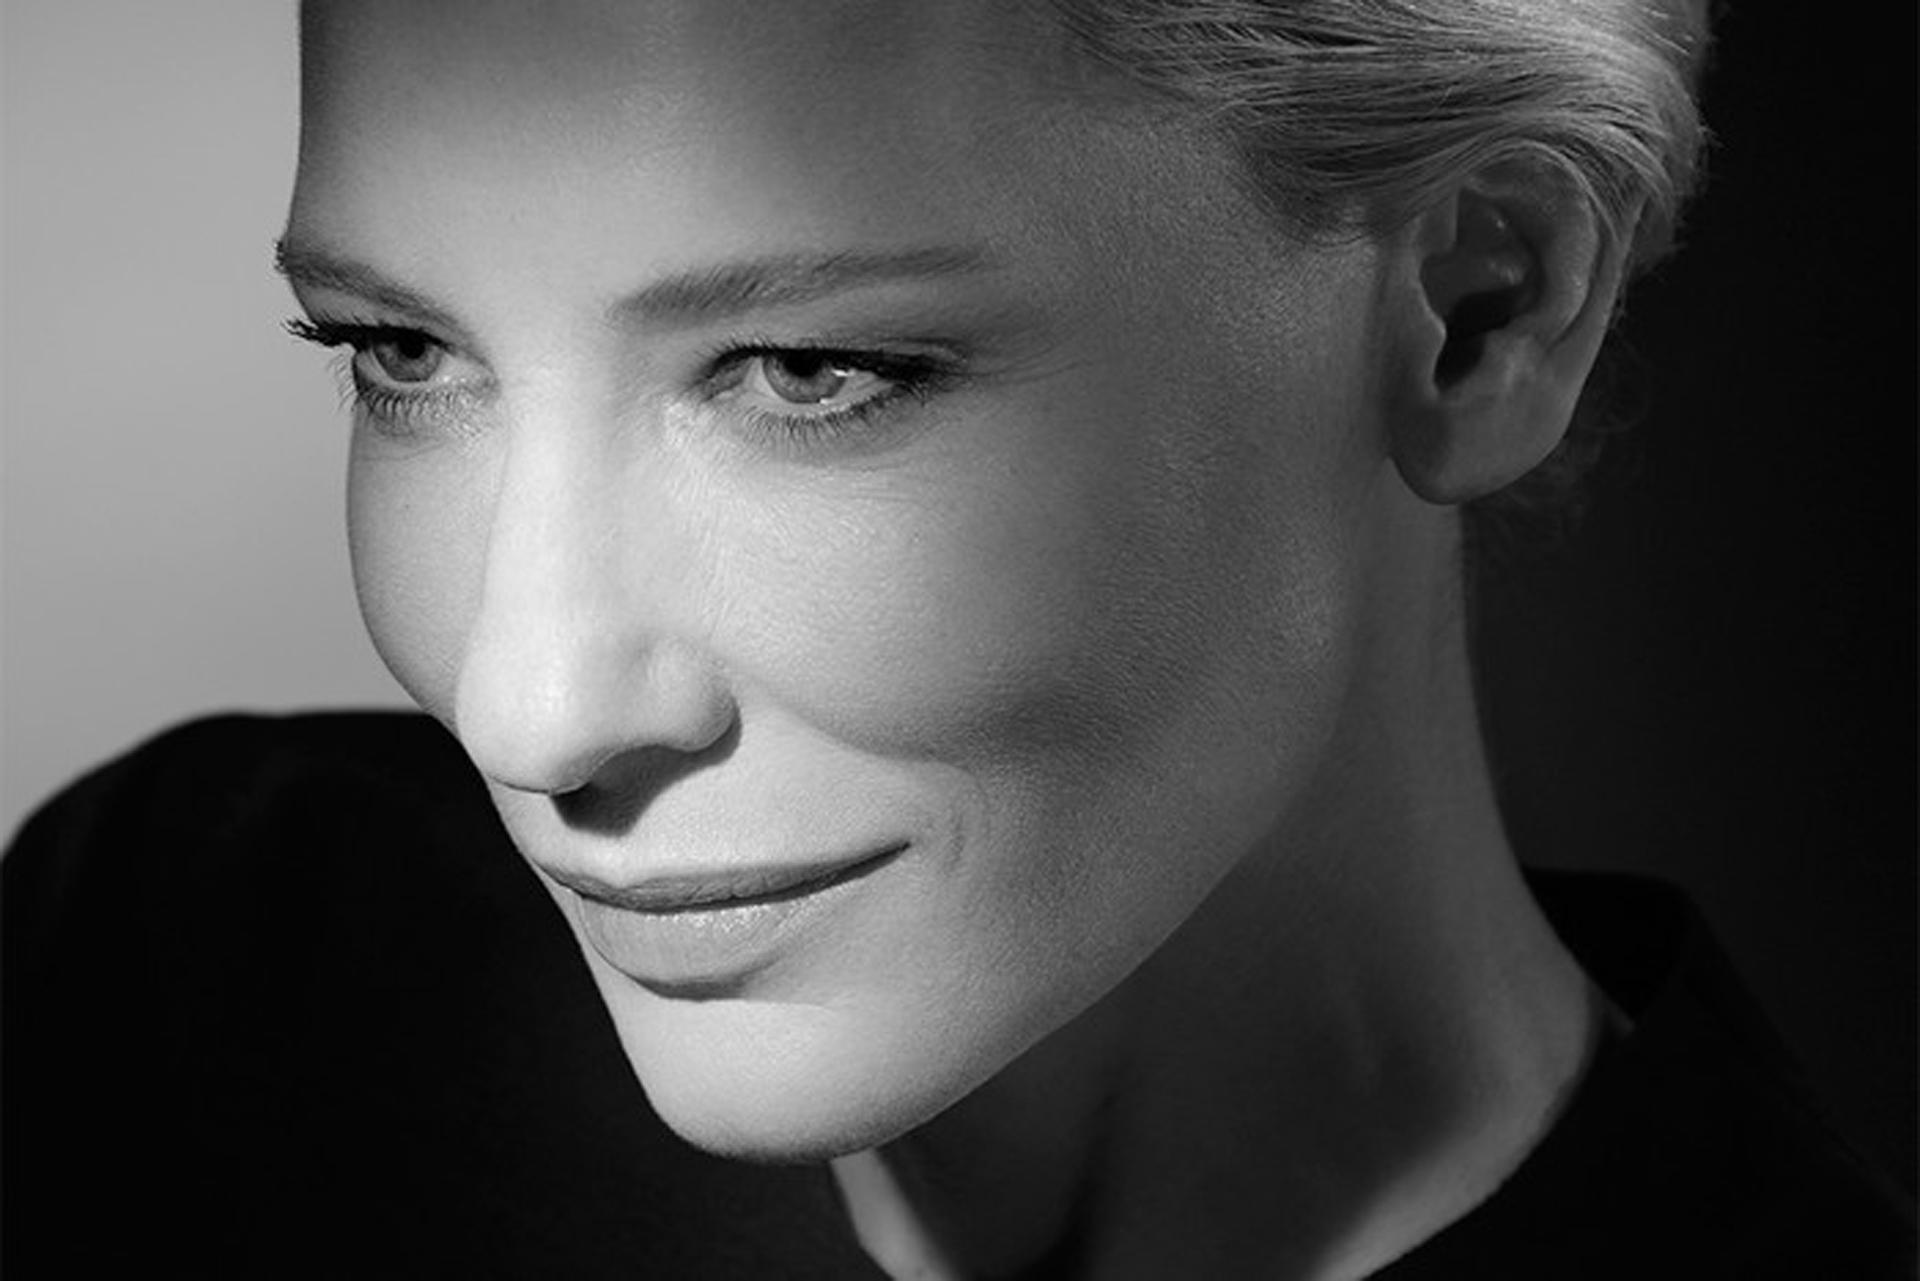 Fotografía de Catherine Élise Blanchett, actriz de cine y teatro australiana